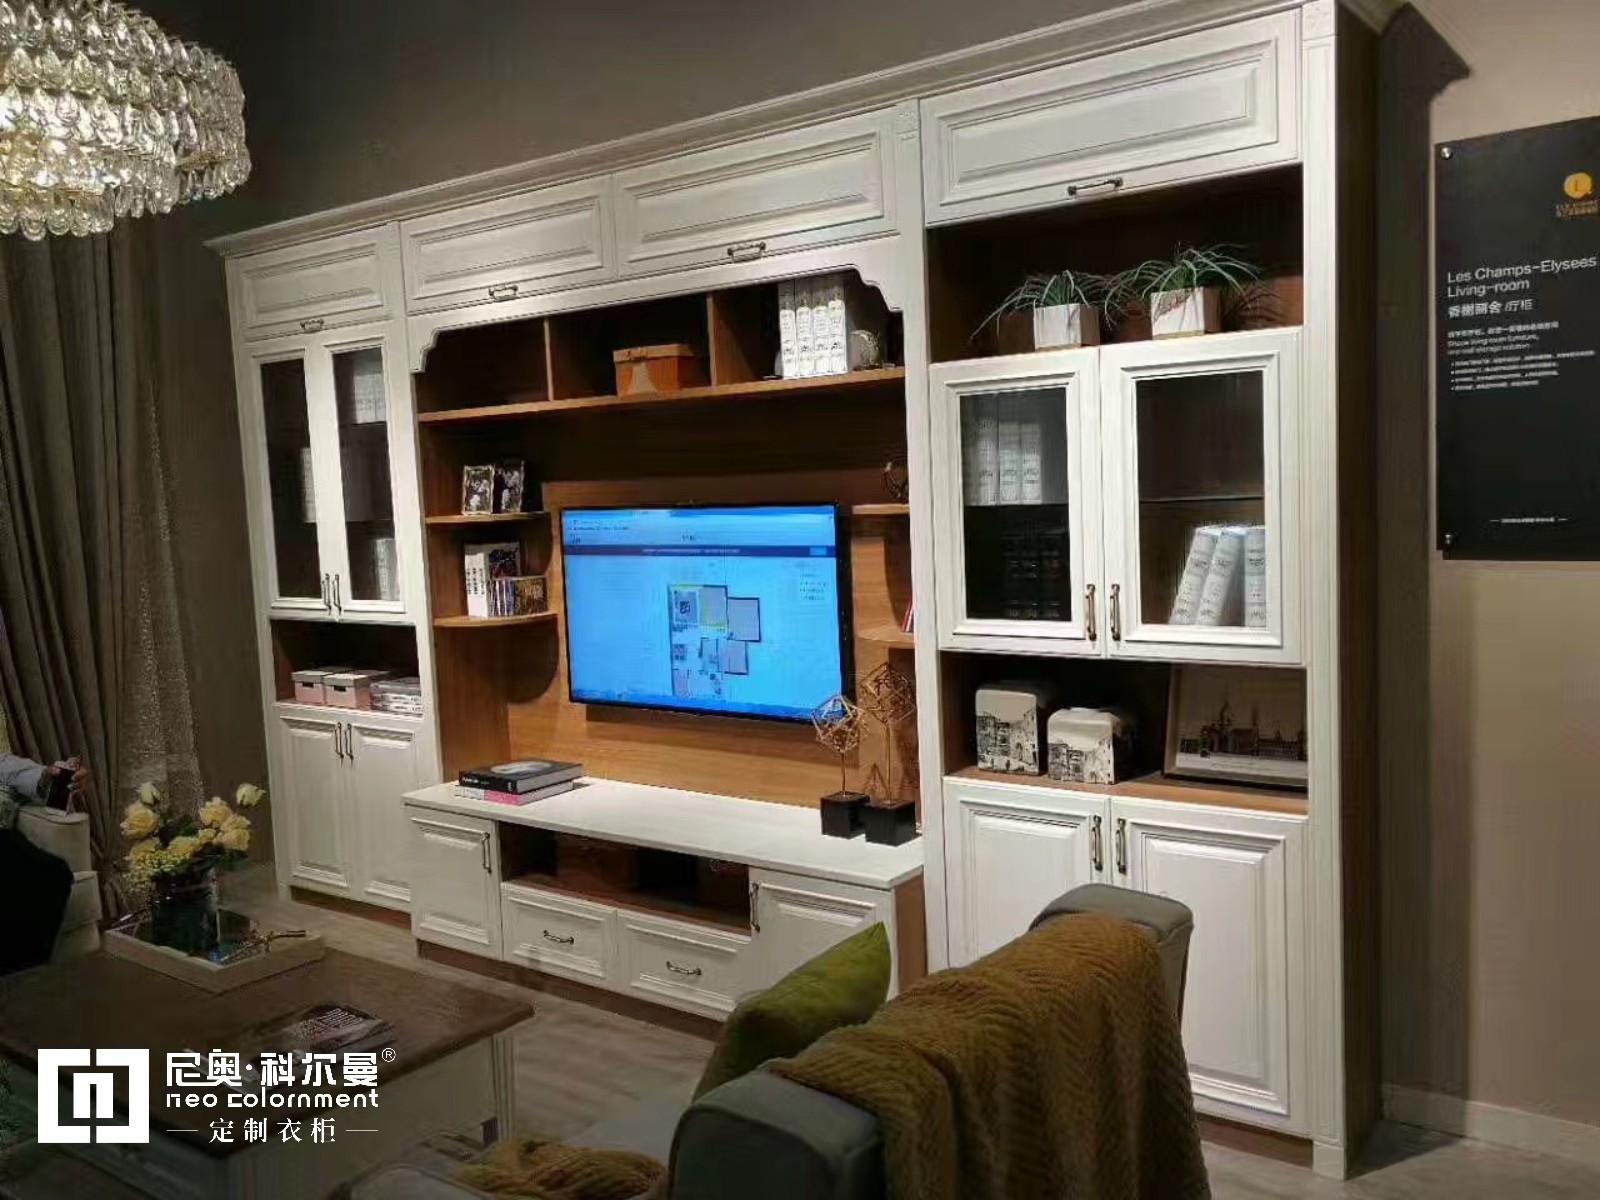 尼奧·科爾曼  包覆膜系列定制電視柜